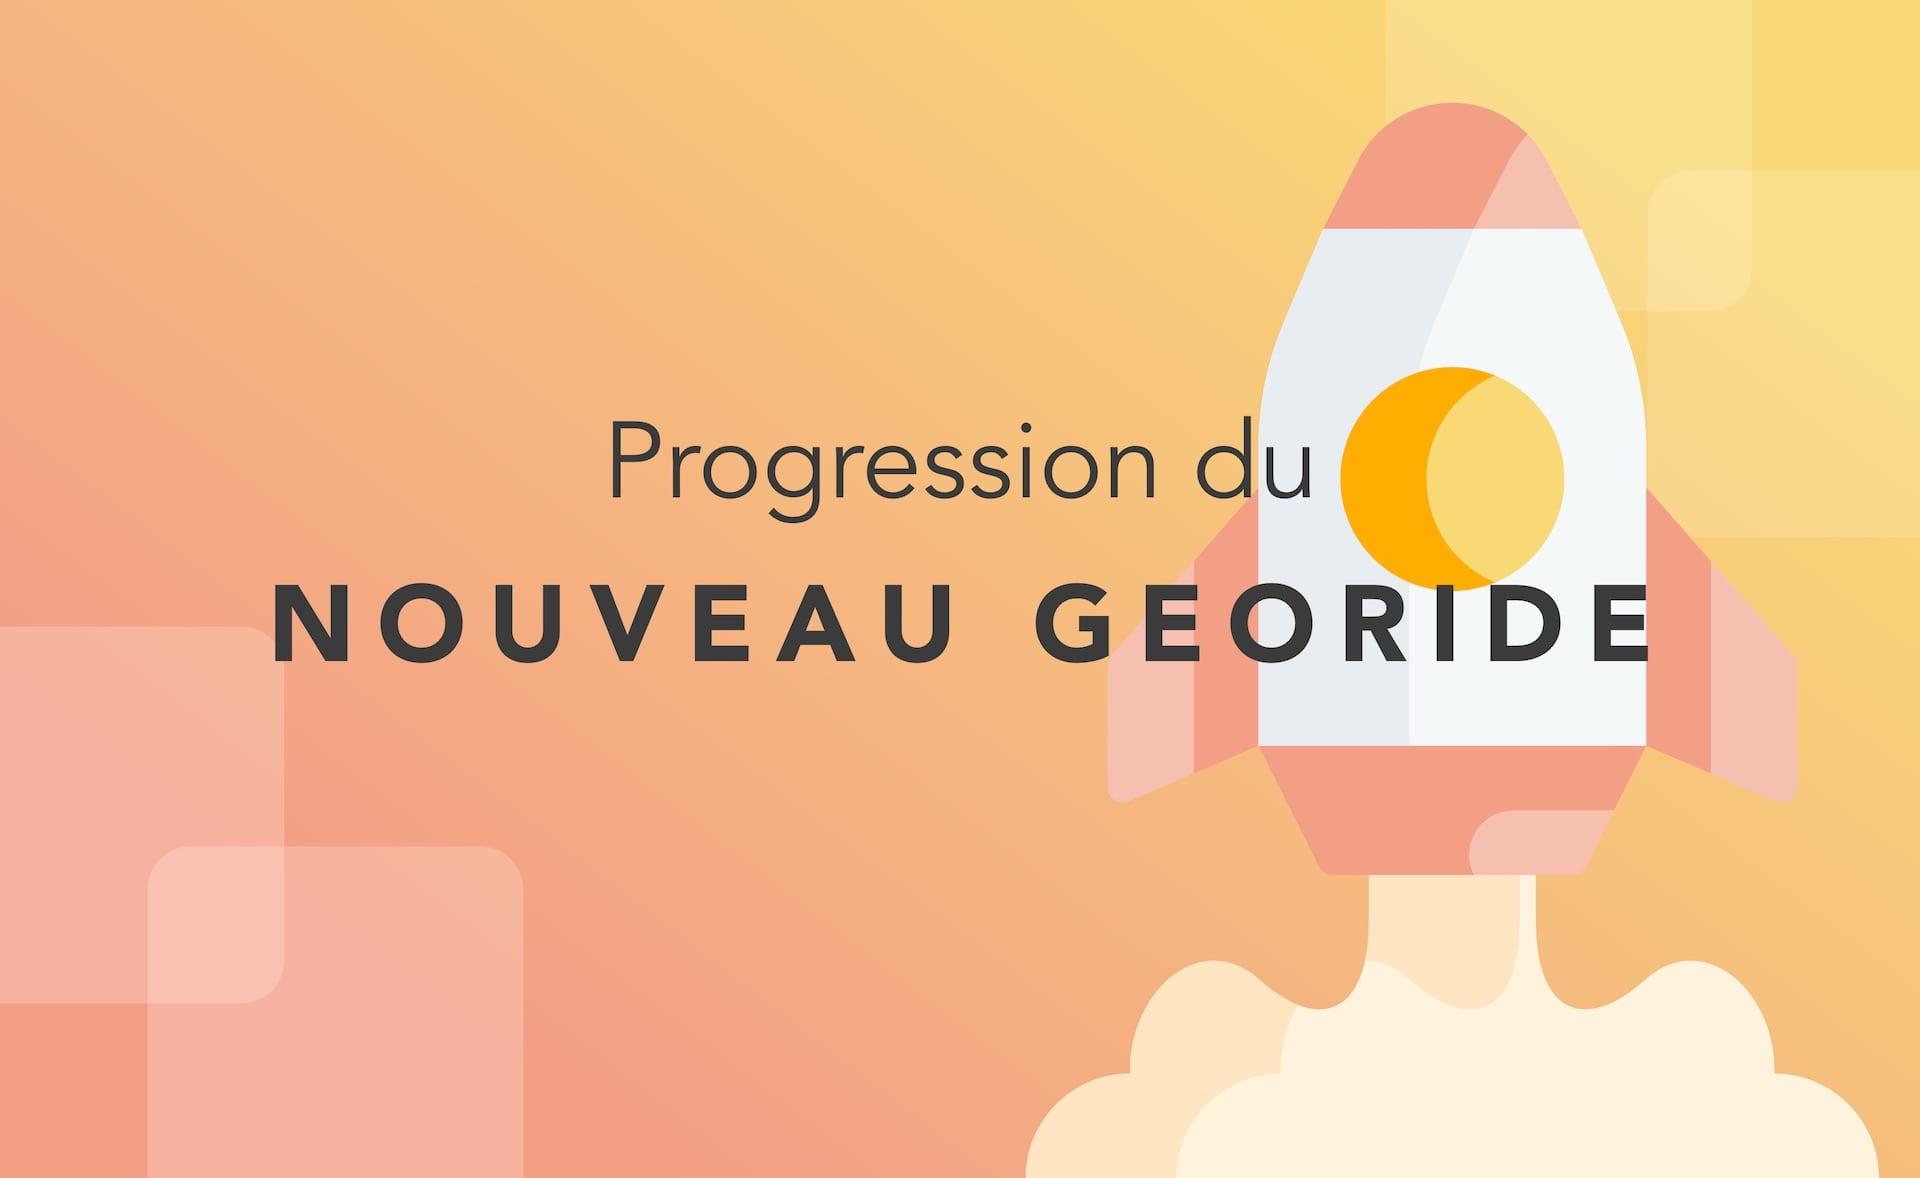 GeoRide 3 : la progression